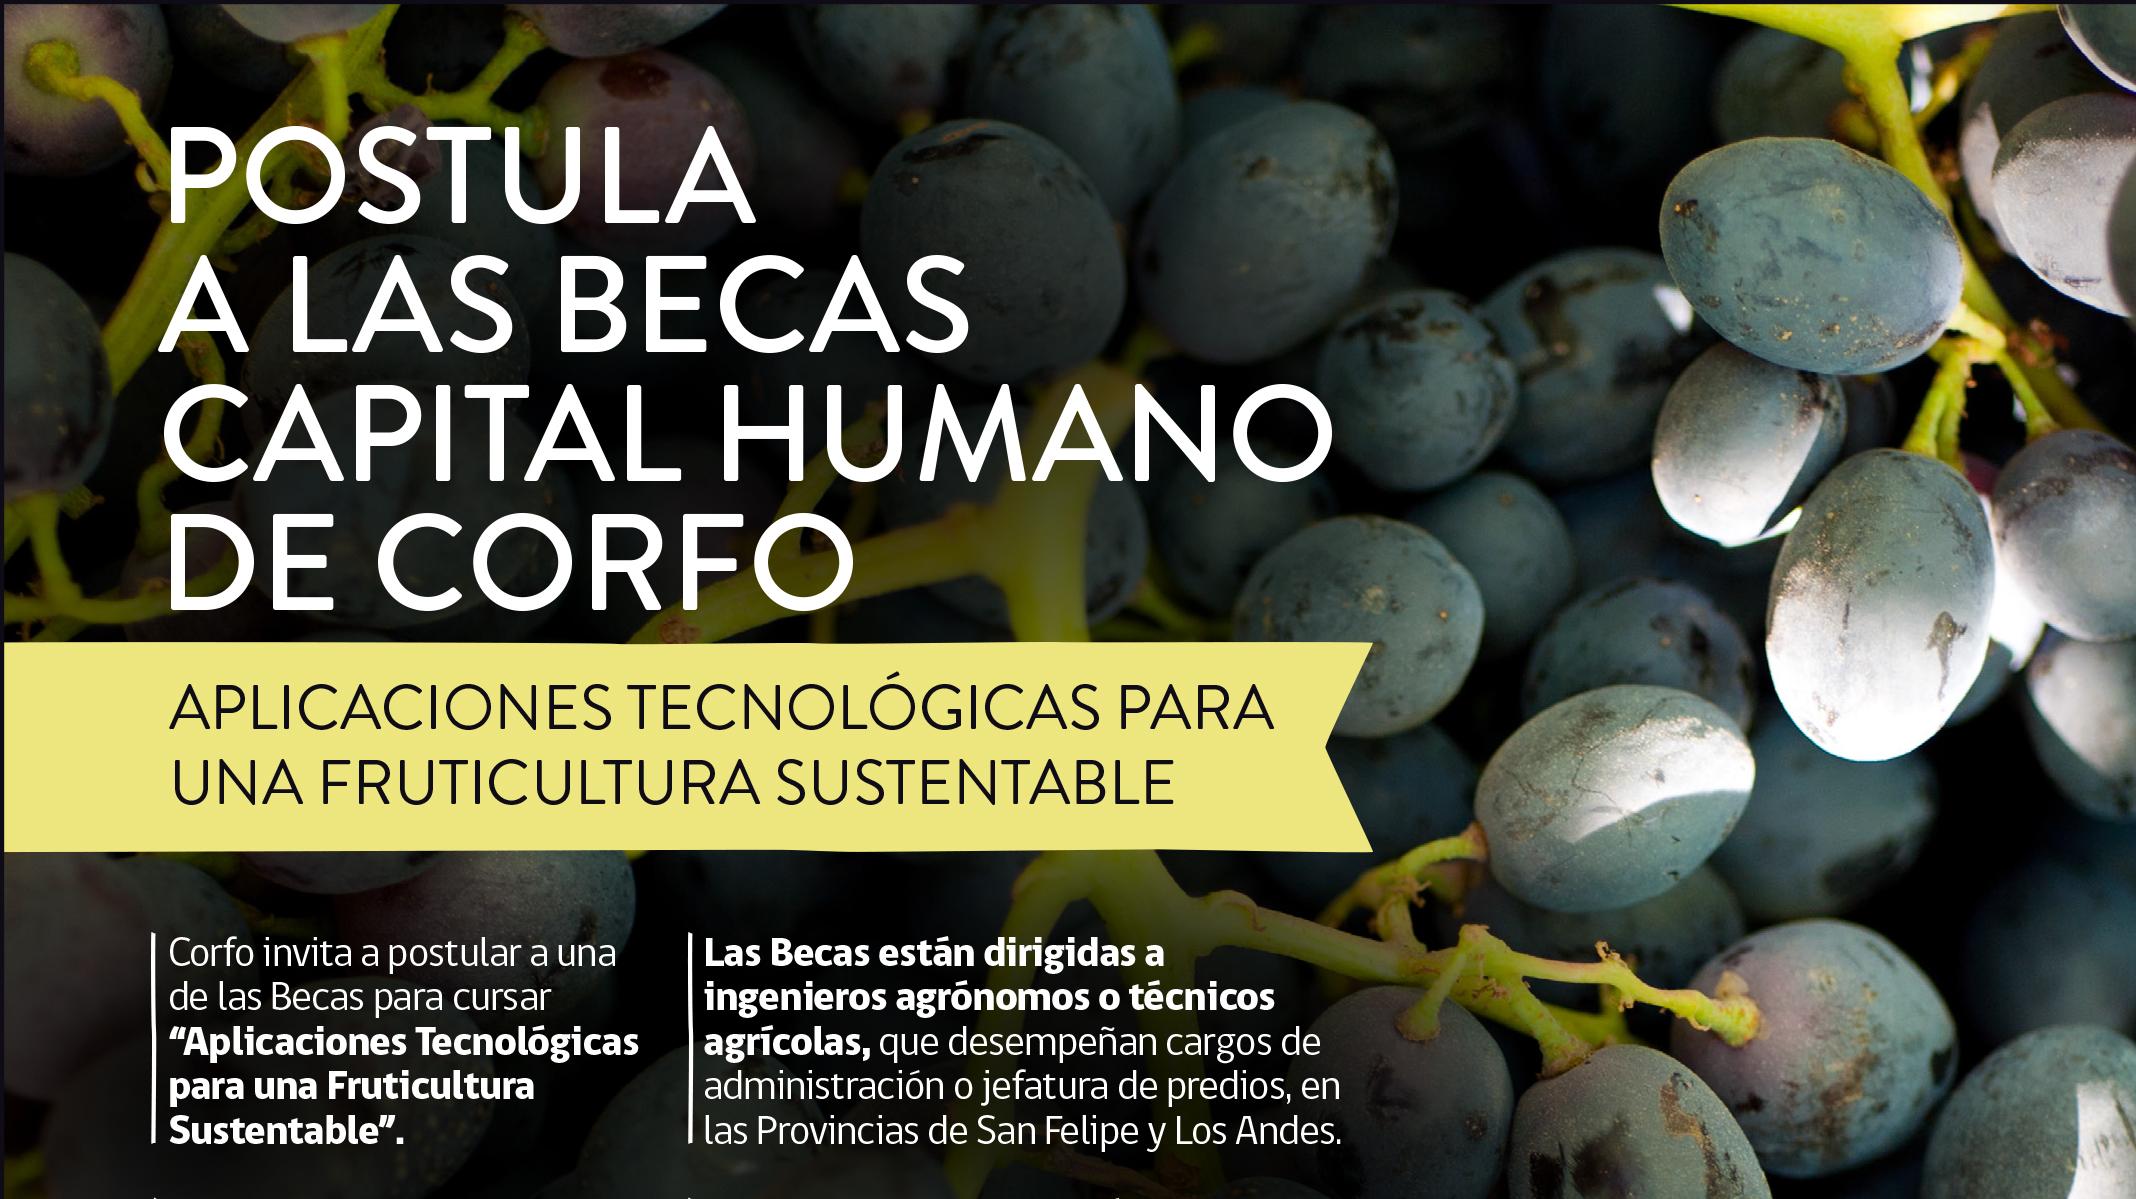 Tecnología para una fruticultura sustentable